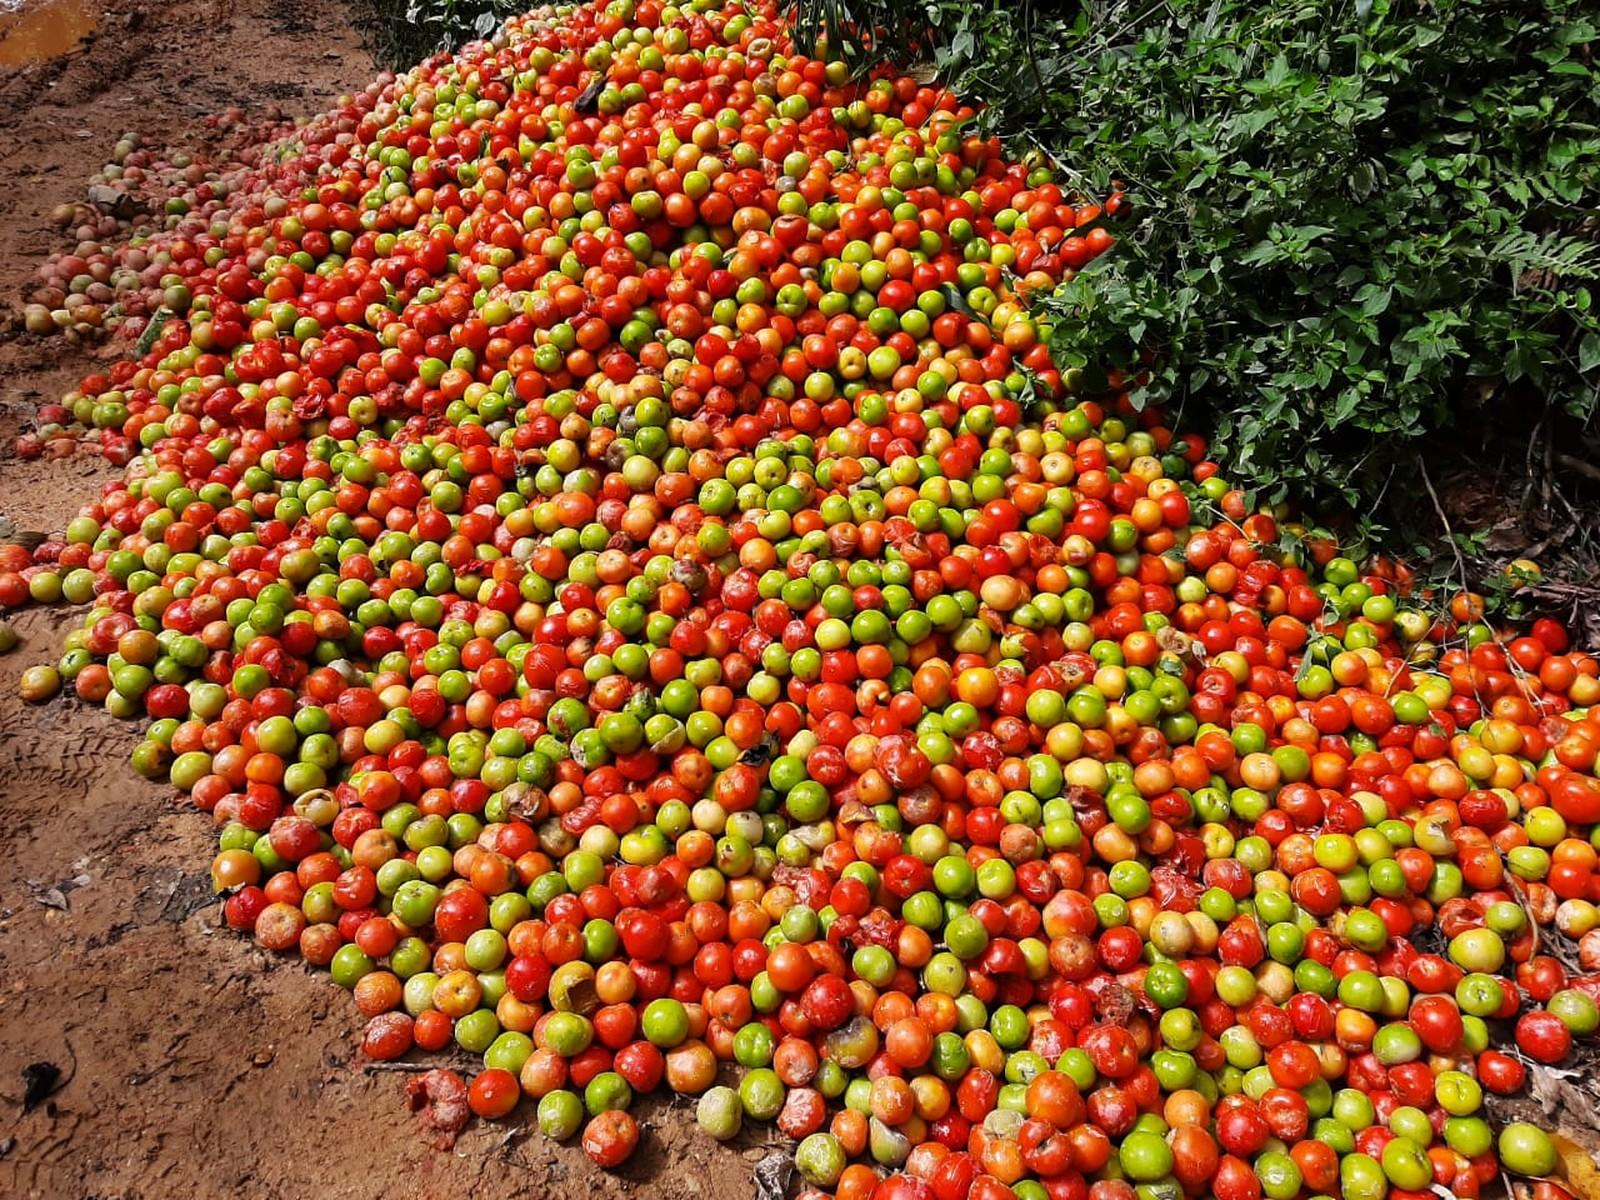 Toneladas de tomates são descartadas às margens de estradas no interior de SP